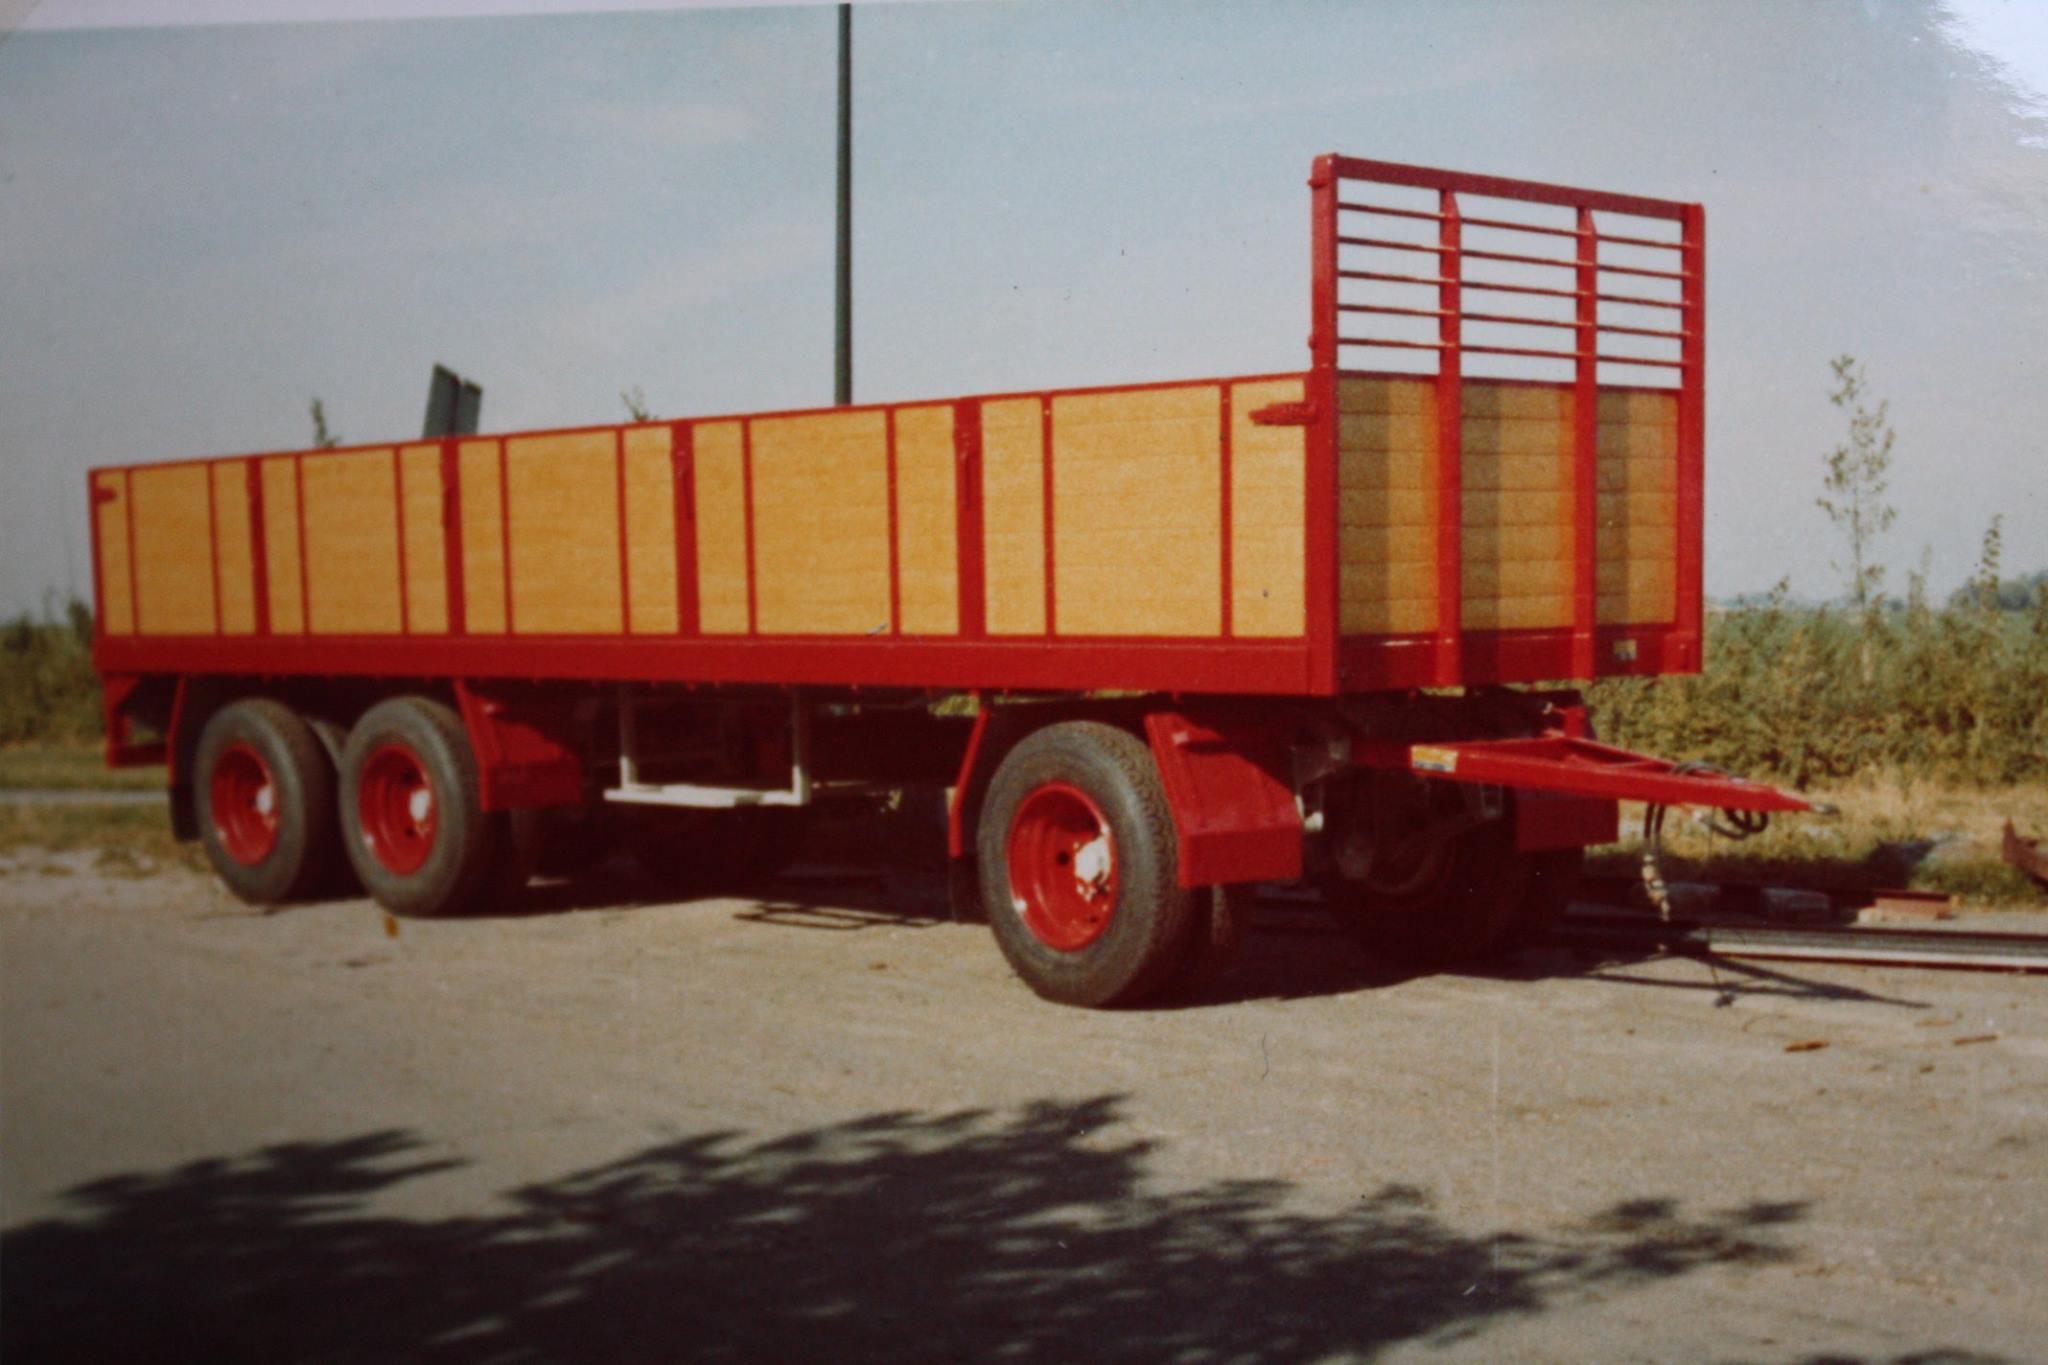 RAF-tandemas-aanhangwagen-met-zijschotten-is-door-Rondaan-in-Beetgum-gebouwd-voor-Transportbedrijf-Wassenaar-in-Beetgumermolen-1